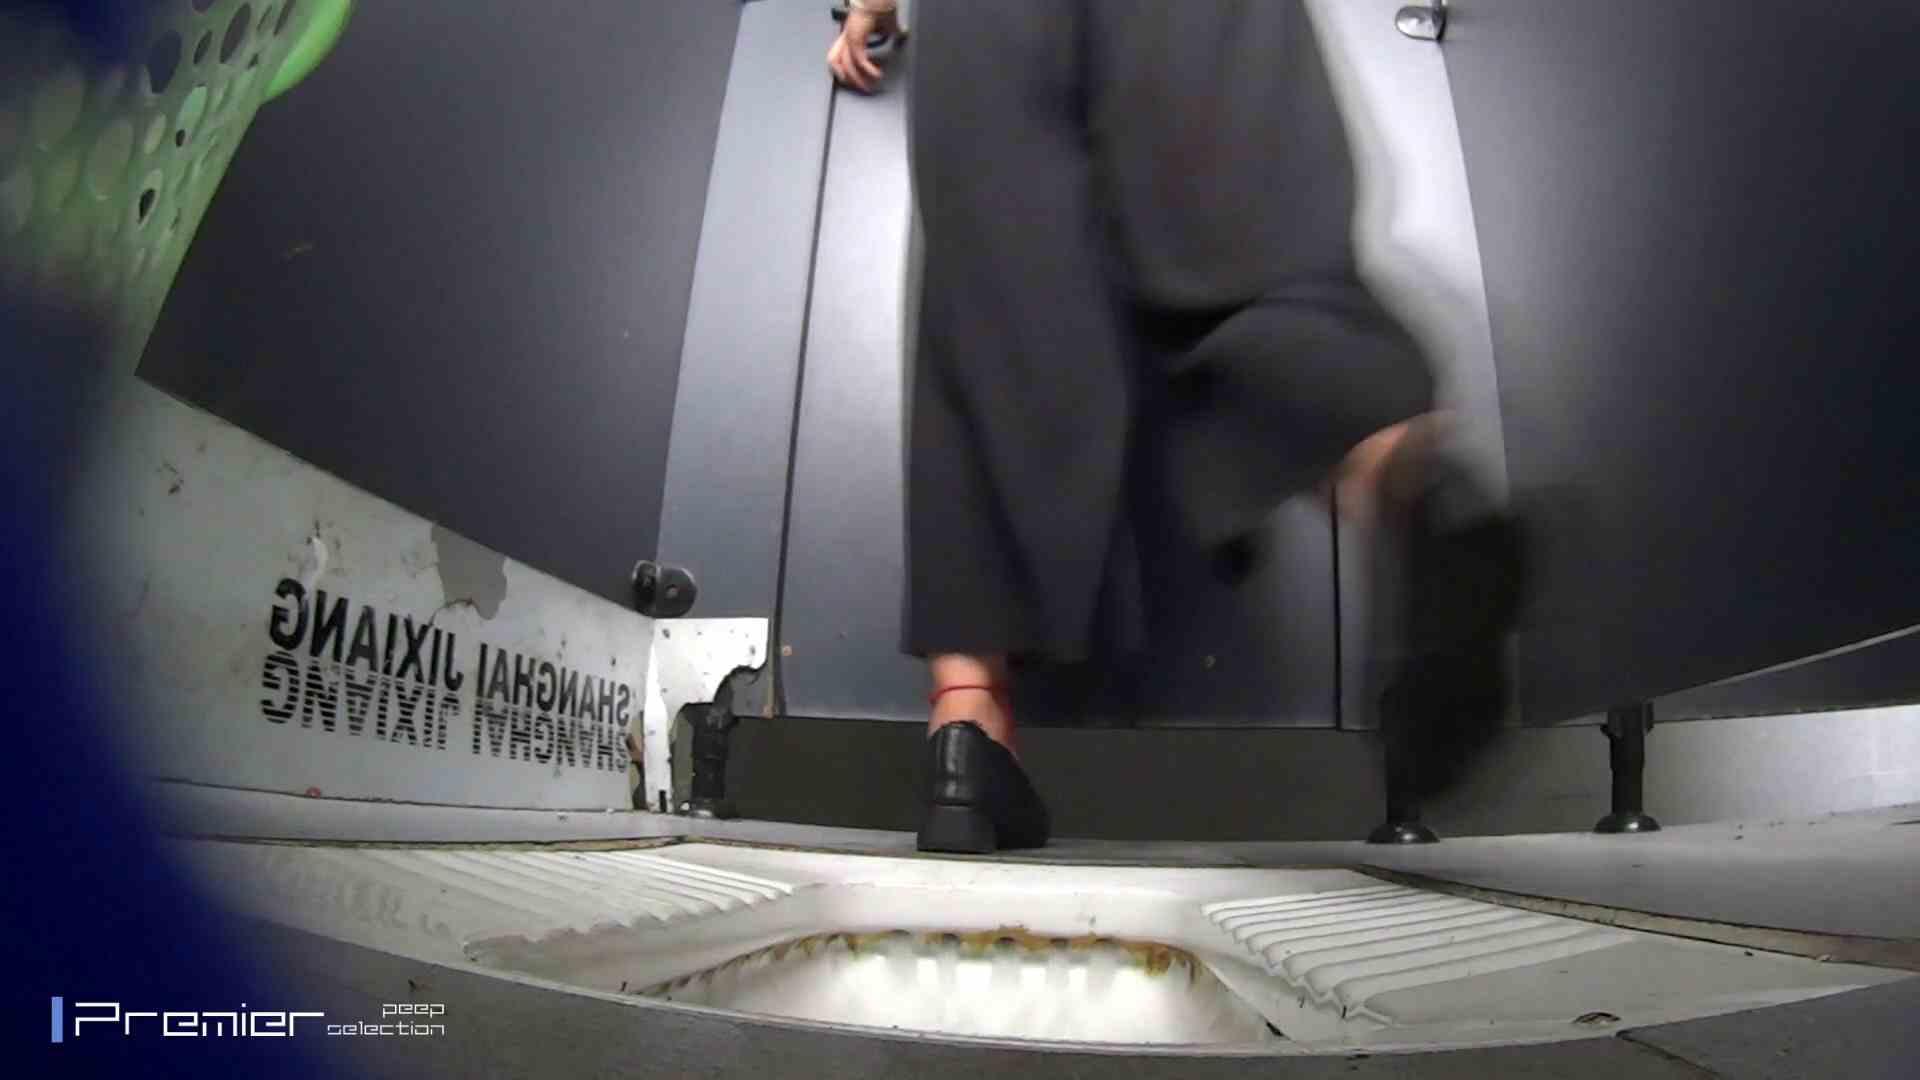 夏全開!ハーフパンツのギャル達 大学休憩時間の洗面所事情44 美肌  105画像 24